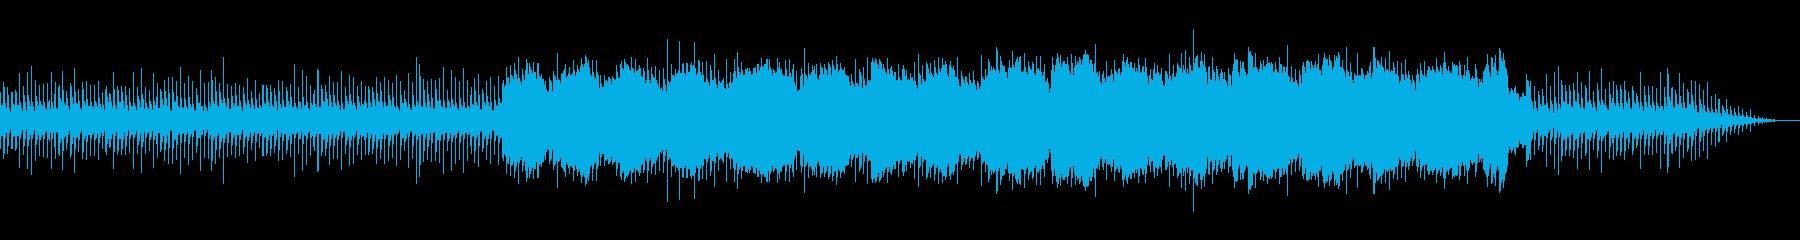 今までのデータを考察してる時のような曲の再生済みの波形